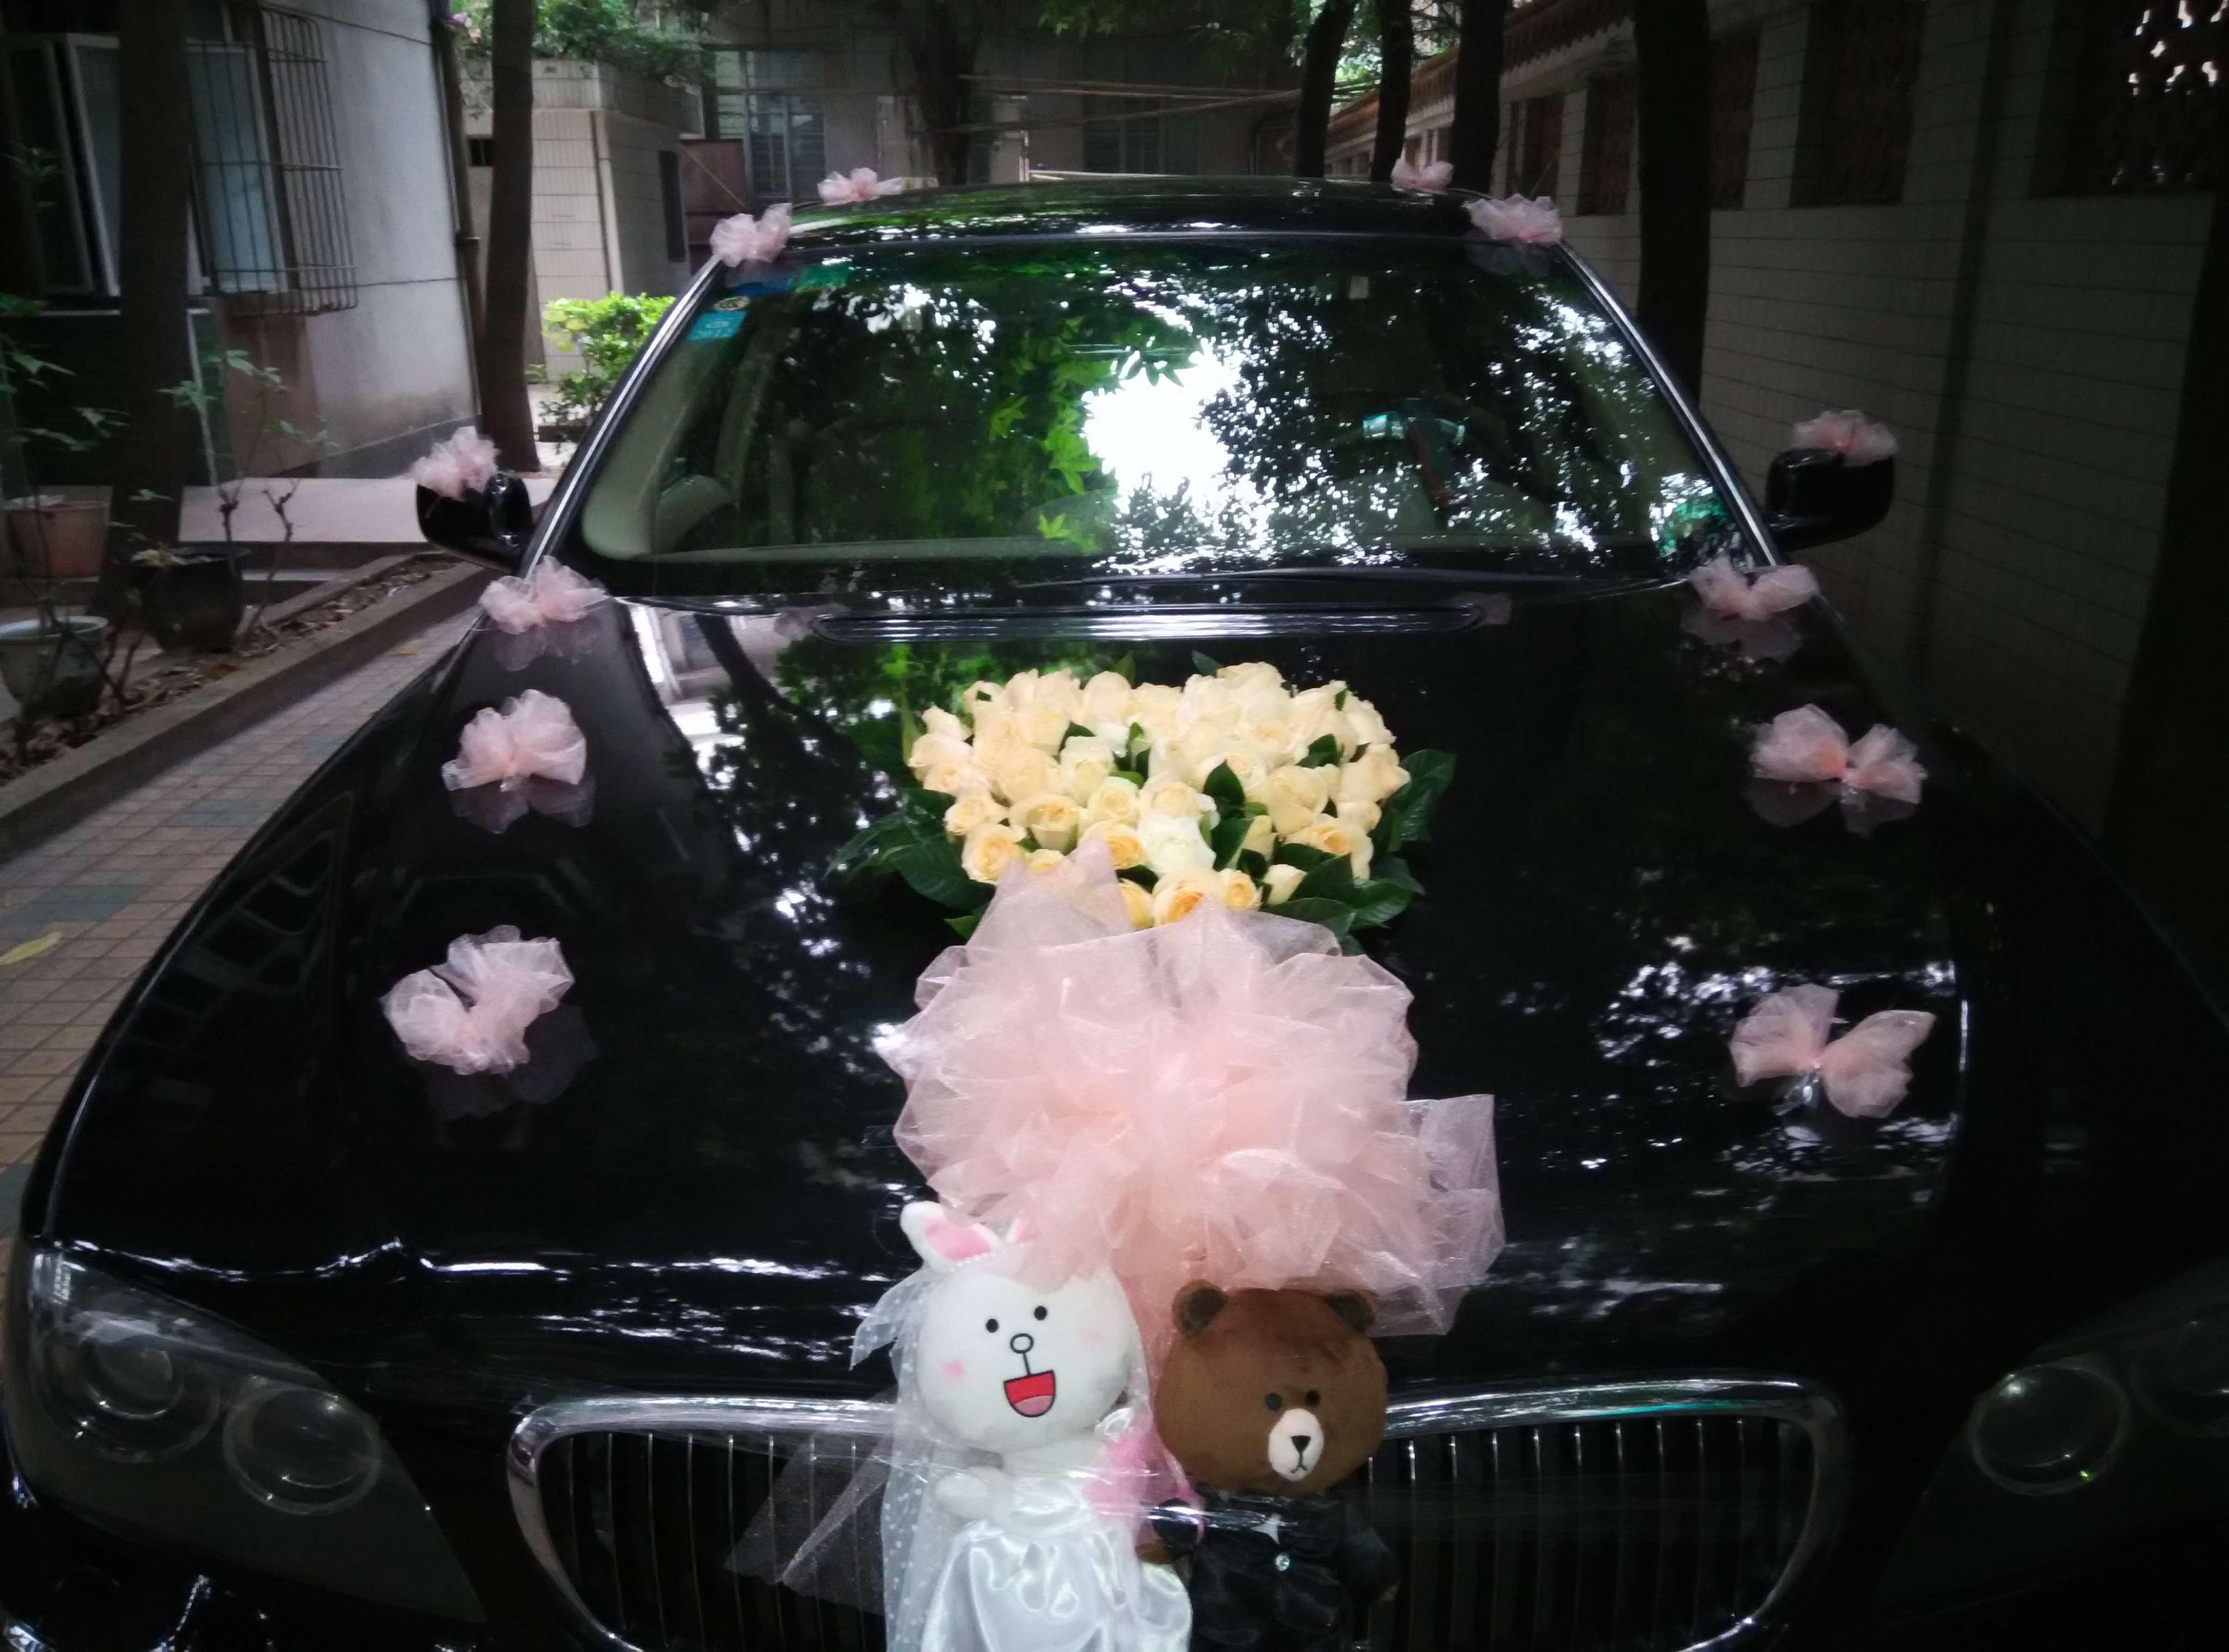 鲜花花束装饰点缀型丝带车头 丝带 婚庆婚车套餐